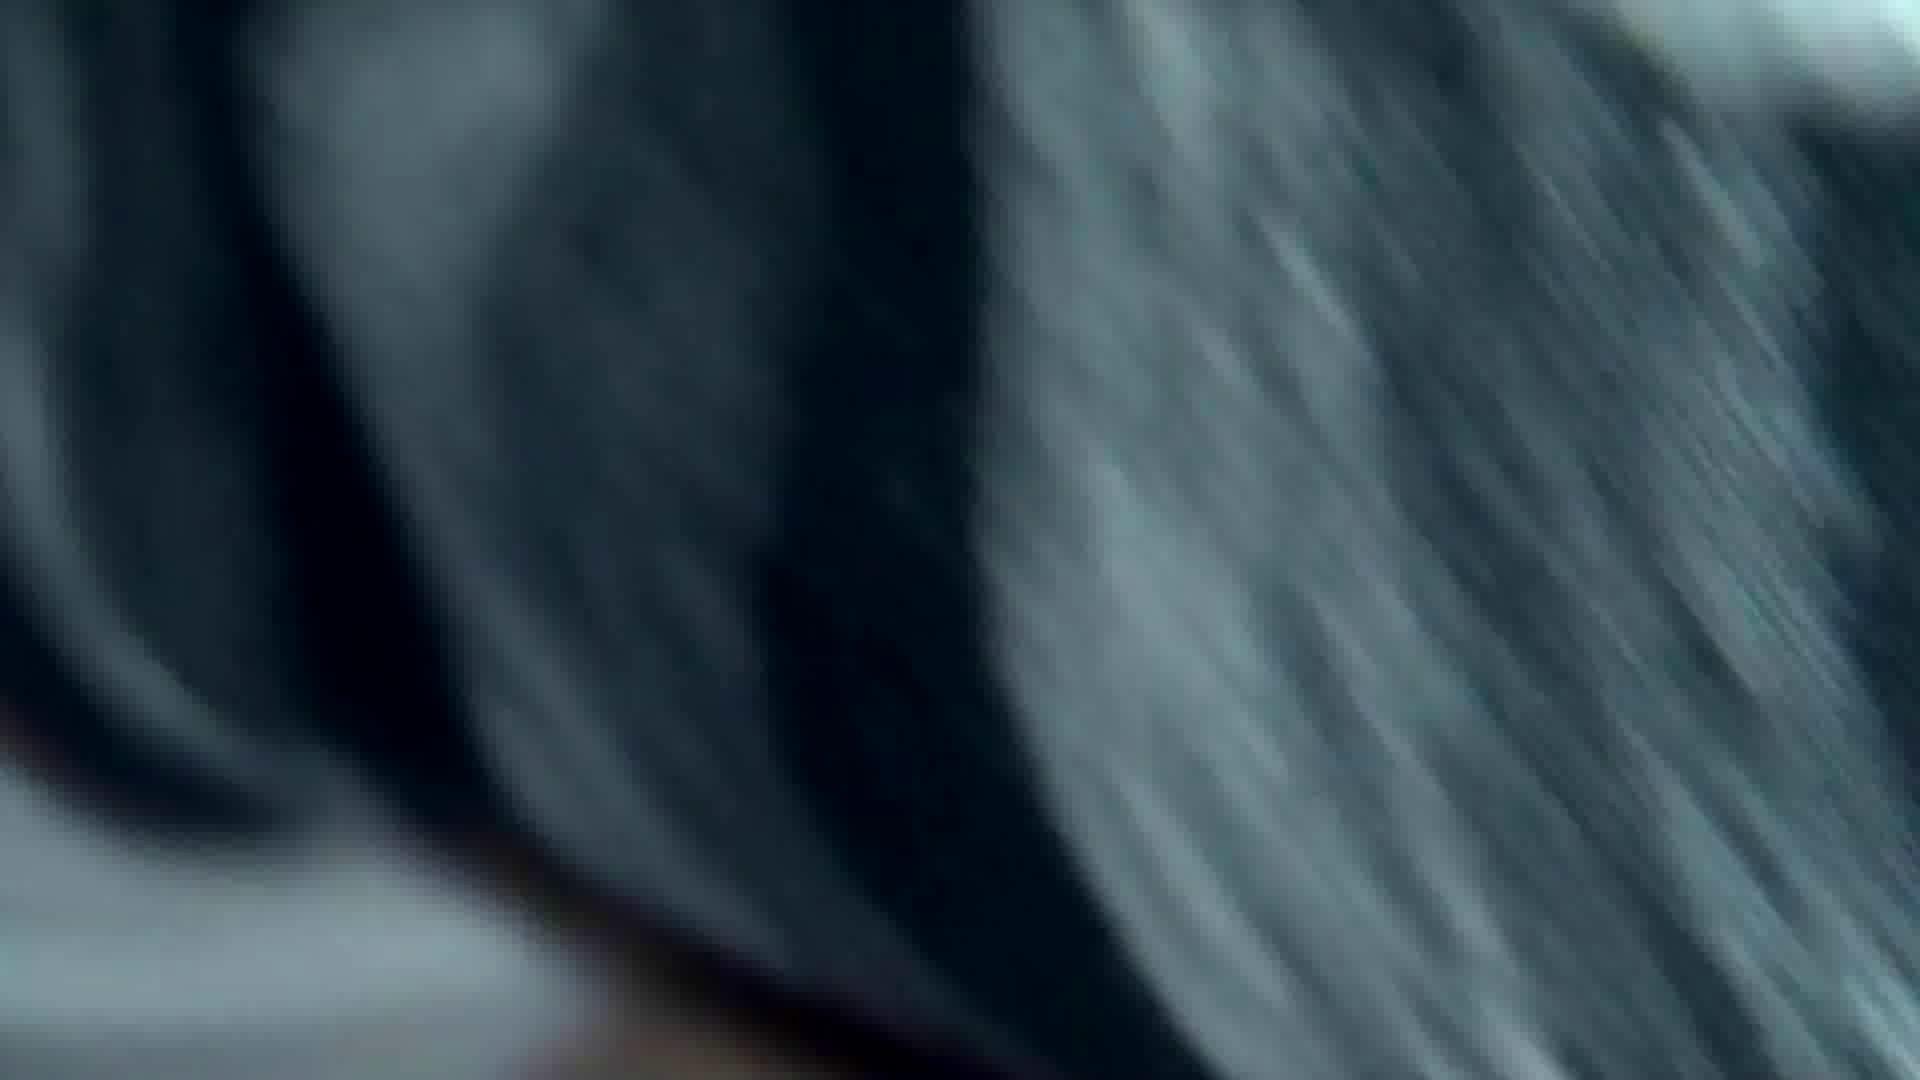 vol.34 【AIちゃん】 黒髪19歳 夏休みのプチ家出中 1回目 細身体型 ぱこり動画紹介 78枚 7